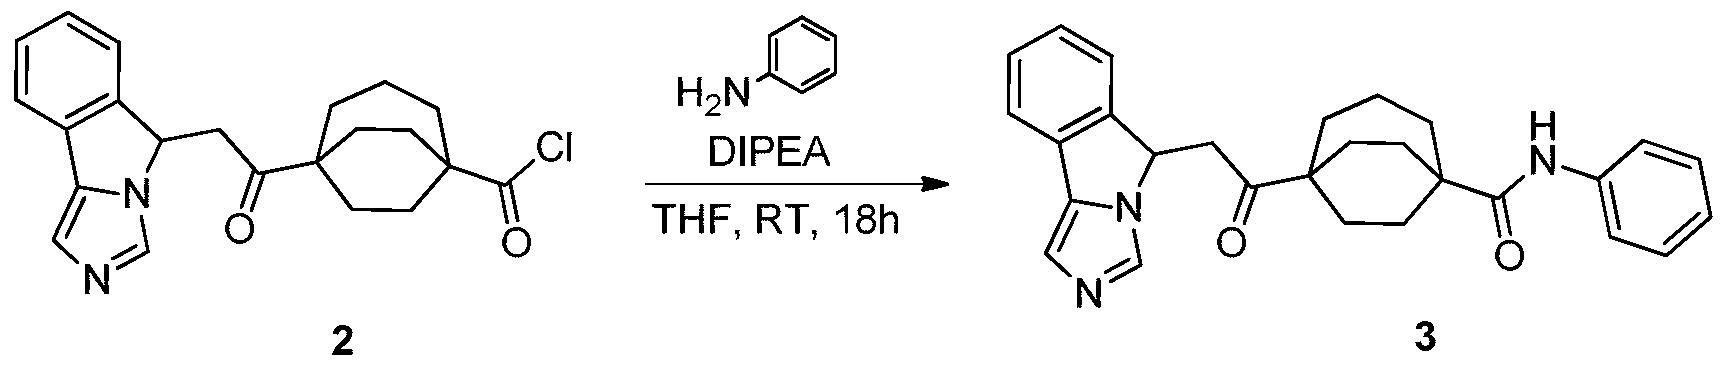 Figure PCTCN2017084604-appb-000079